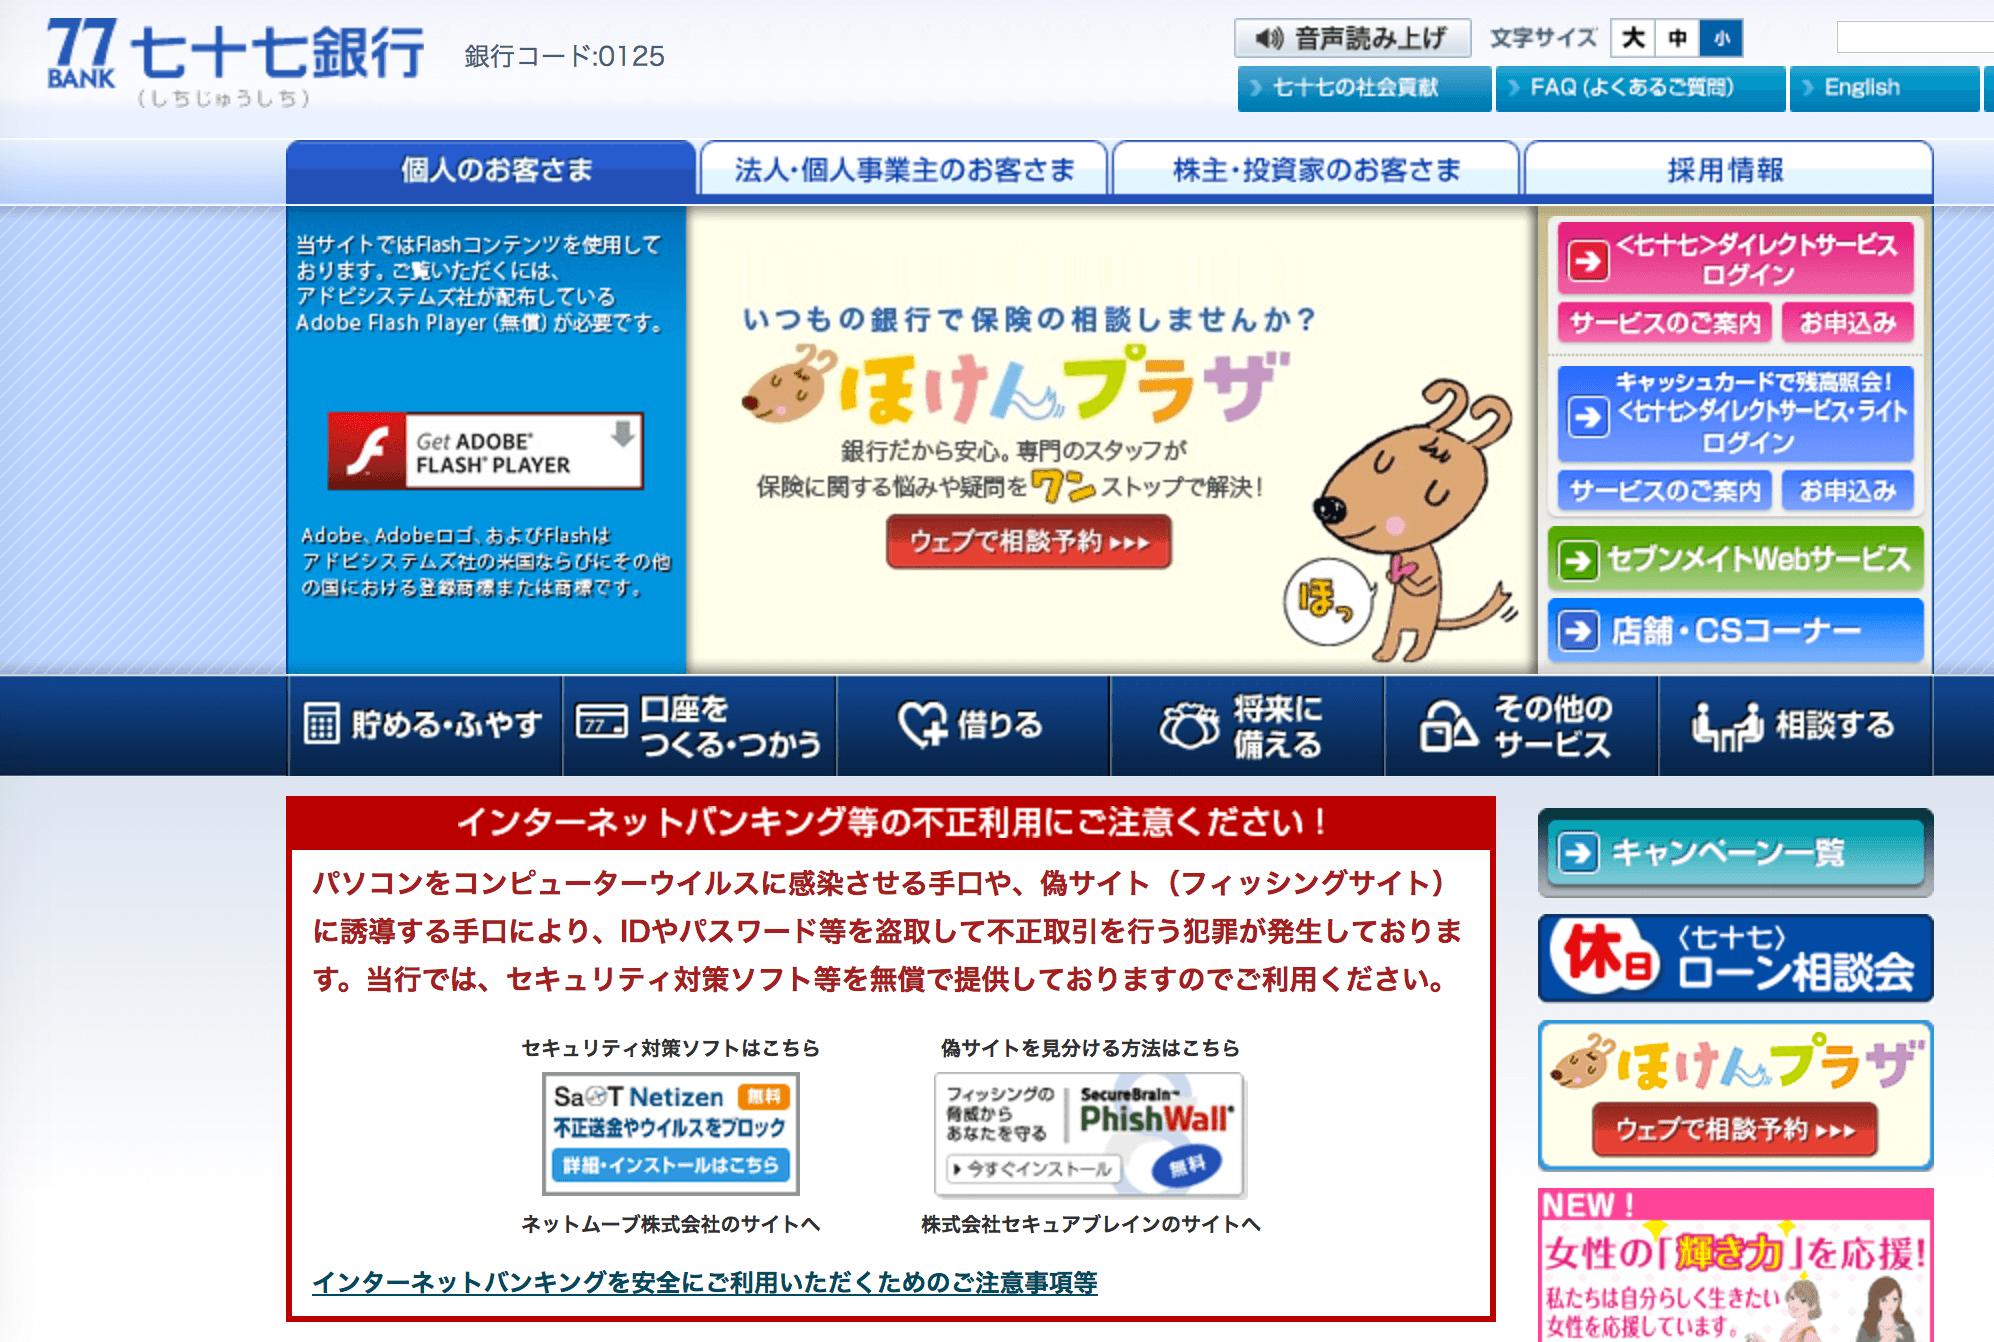 十 インターネット バンキング 七 銀行 七